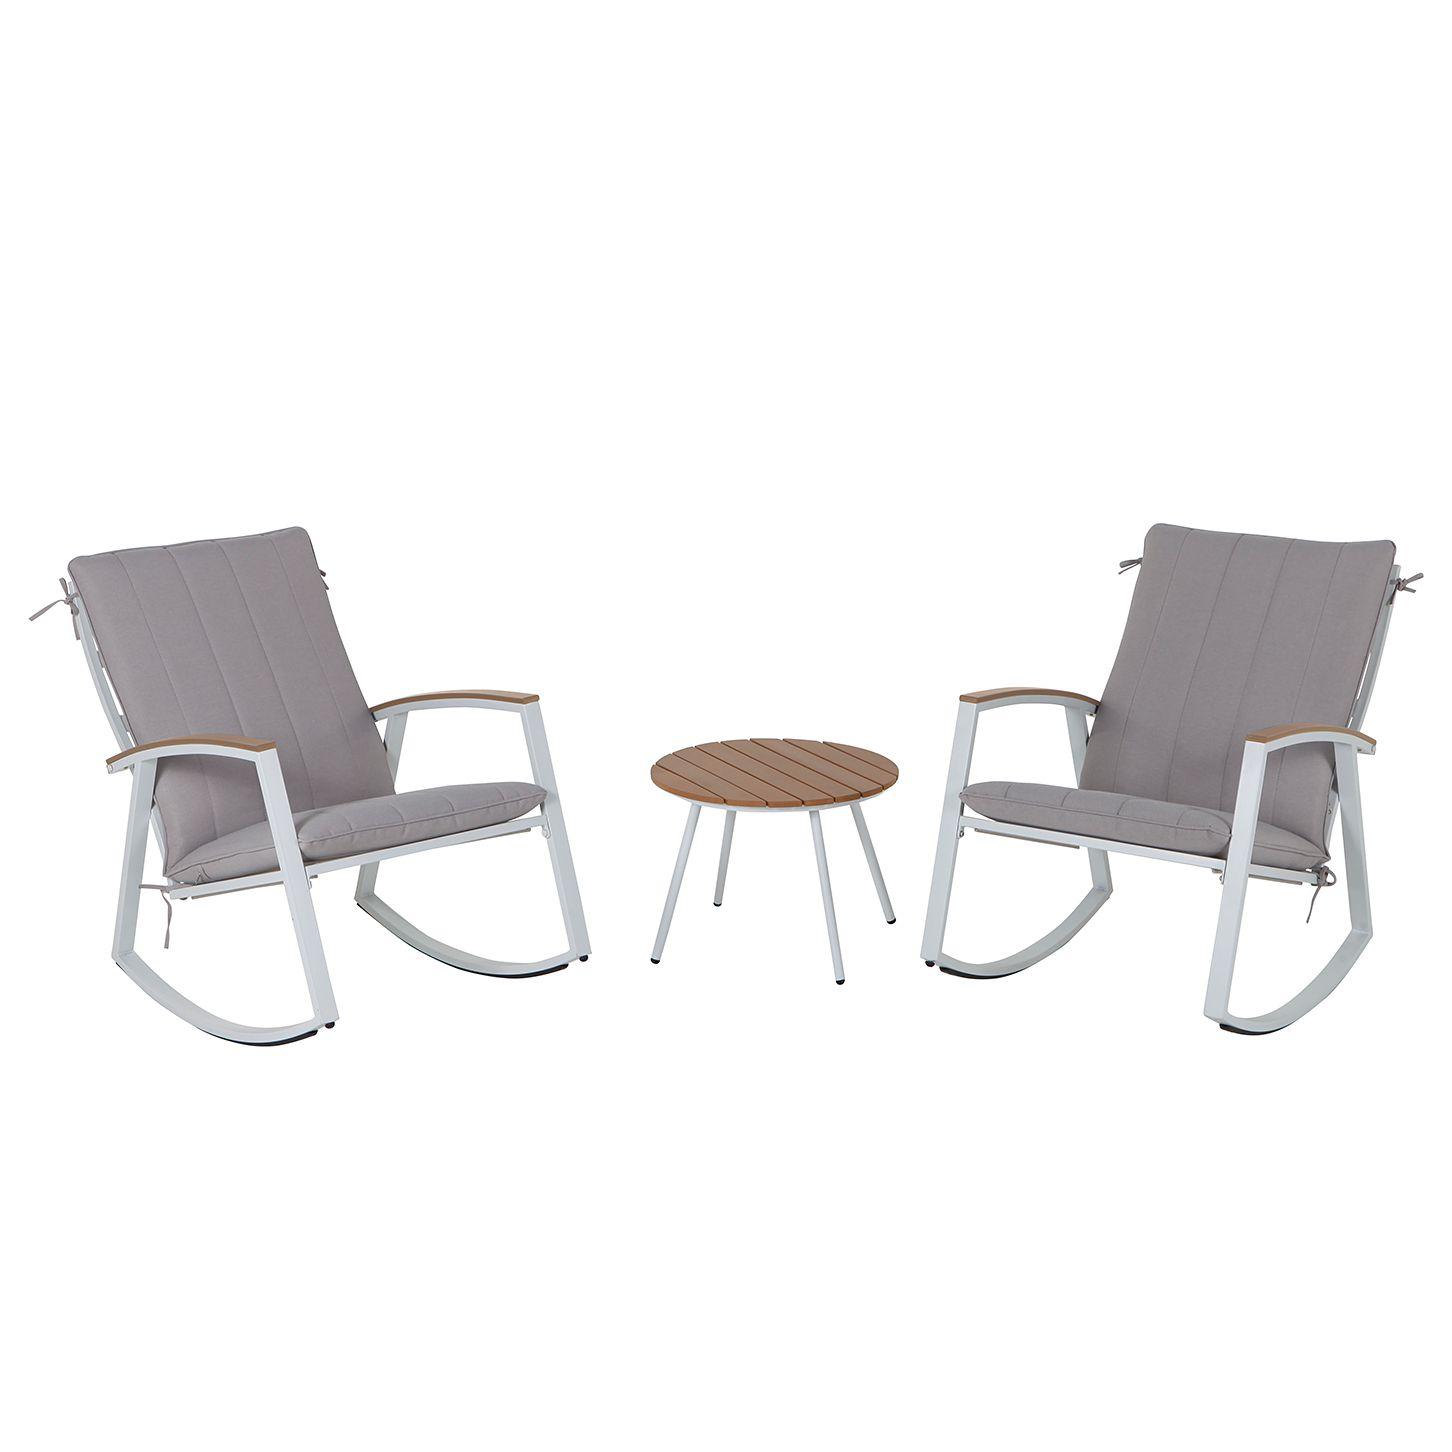 ber 50 sparen gartenm bel sets im angebot seite 7 von 11 cherry m bel. Black Bedroom Furniture Sets. Home Design Ideas